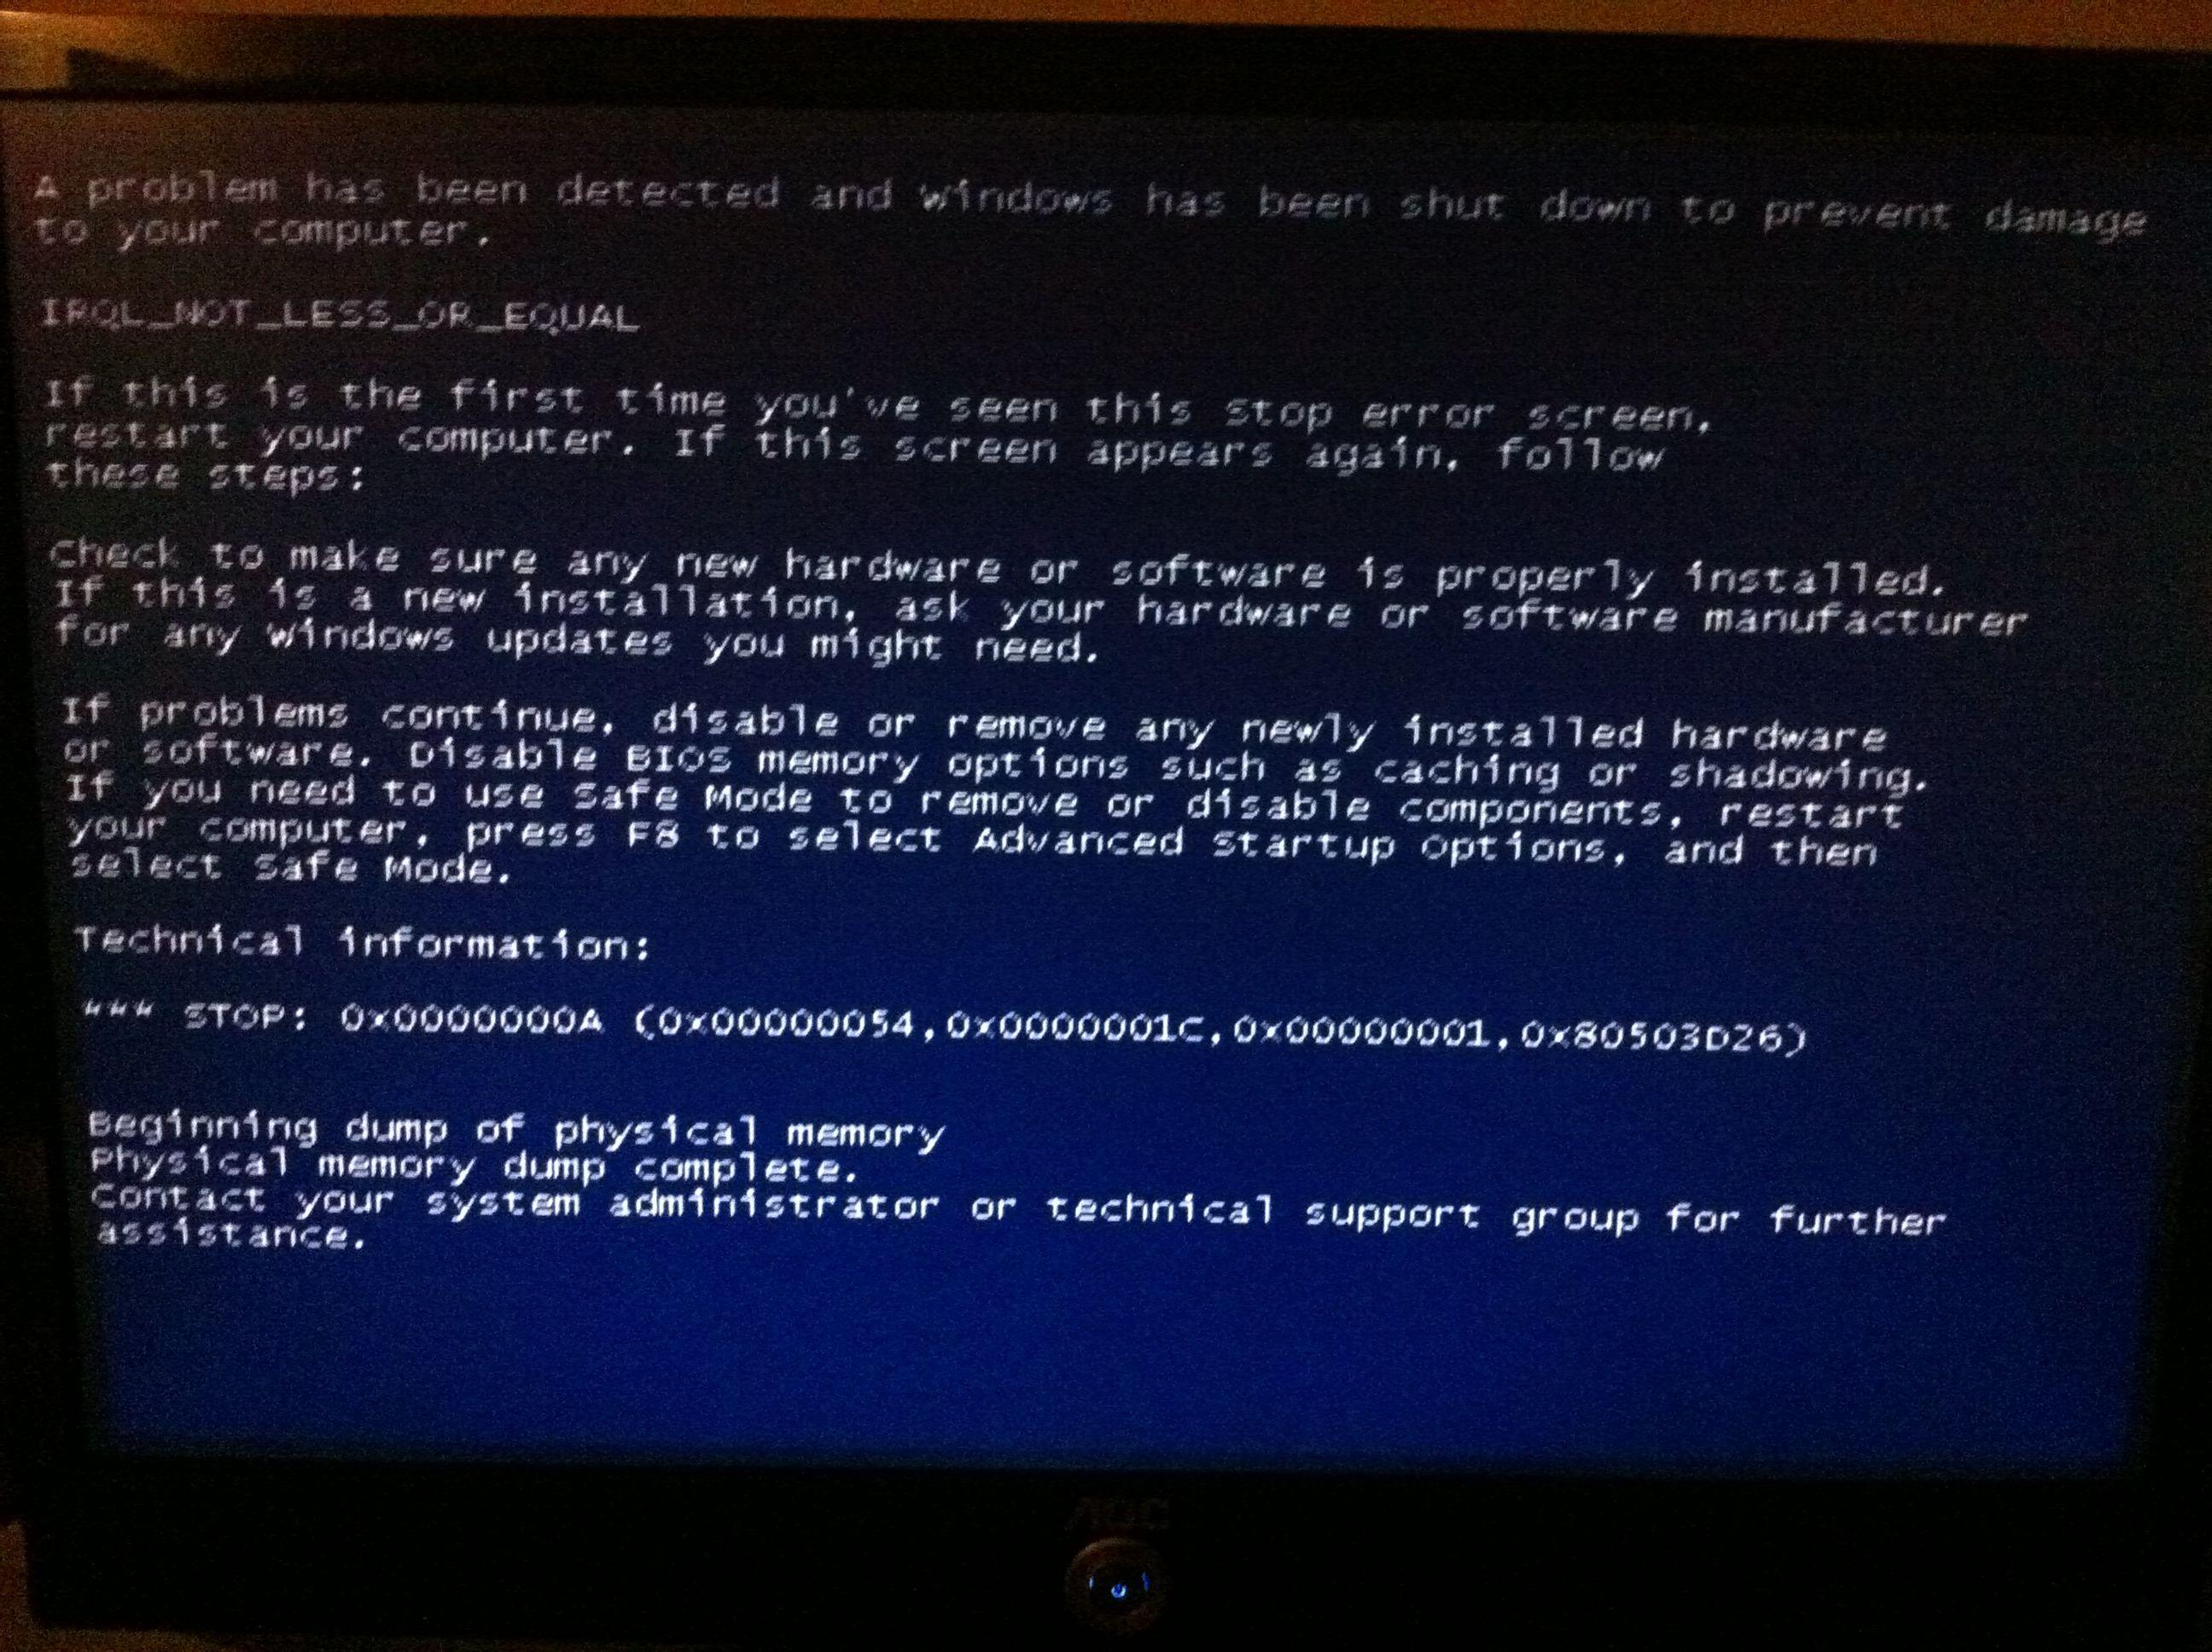 电脑为何会蓝屏 蓝屏后该怎么办呢